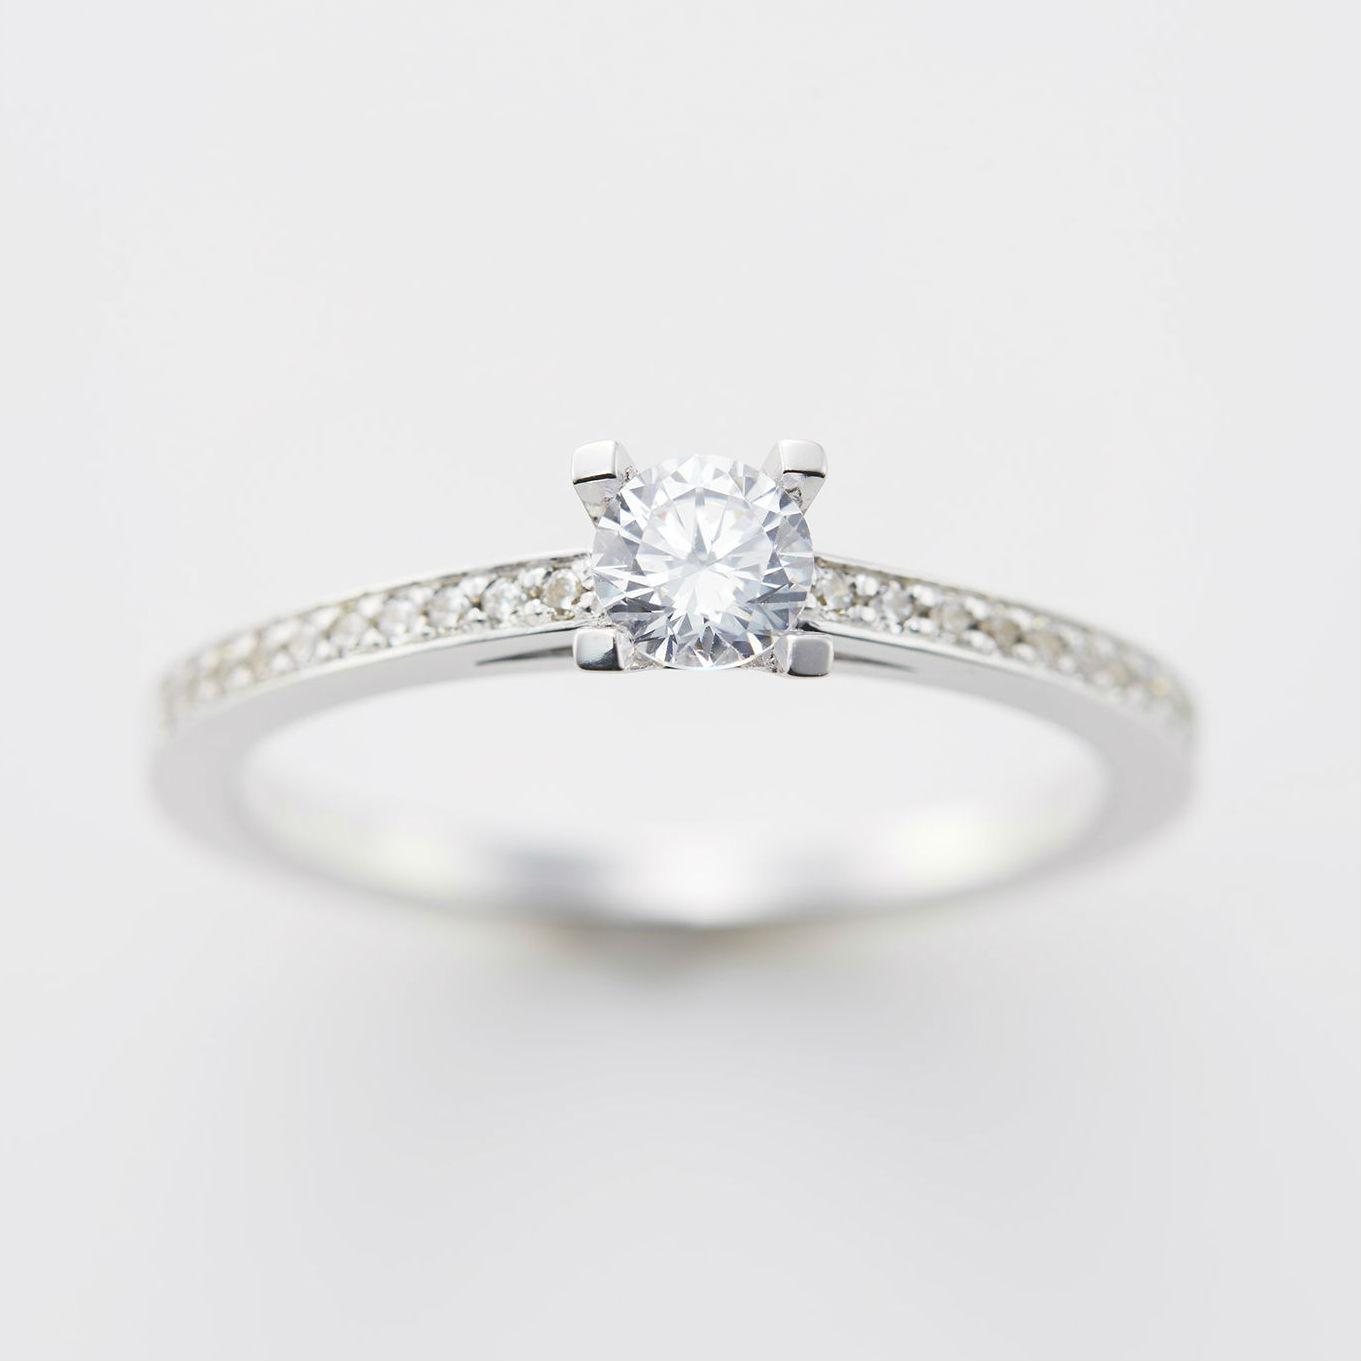 サイドに連なるメレダイヤが華やかなプラチナの婚約指輪